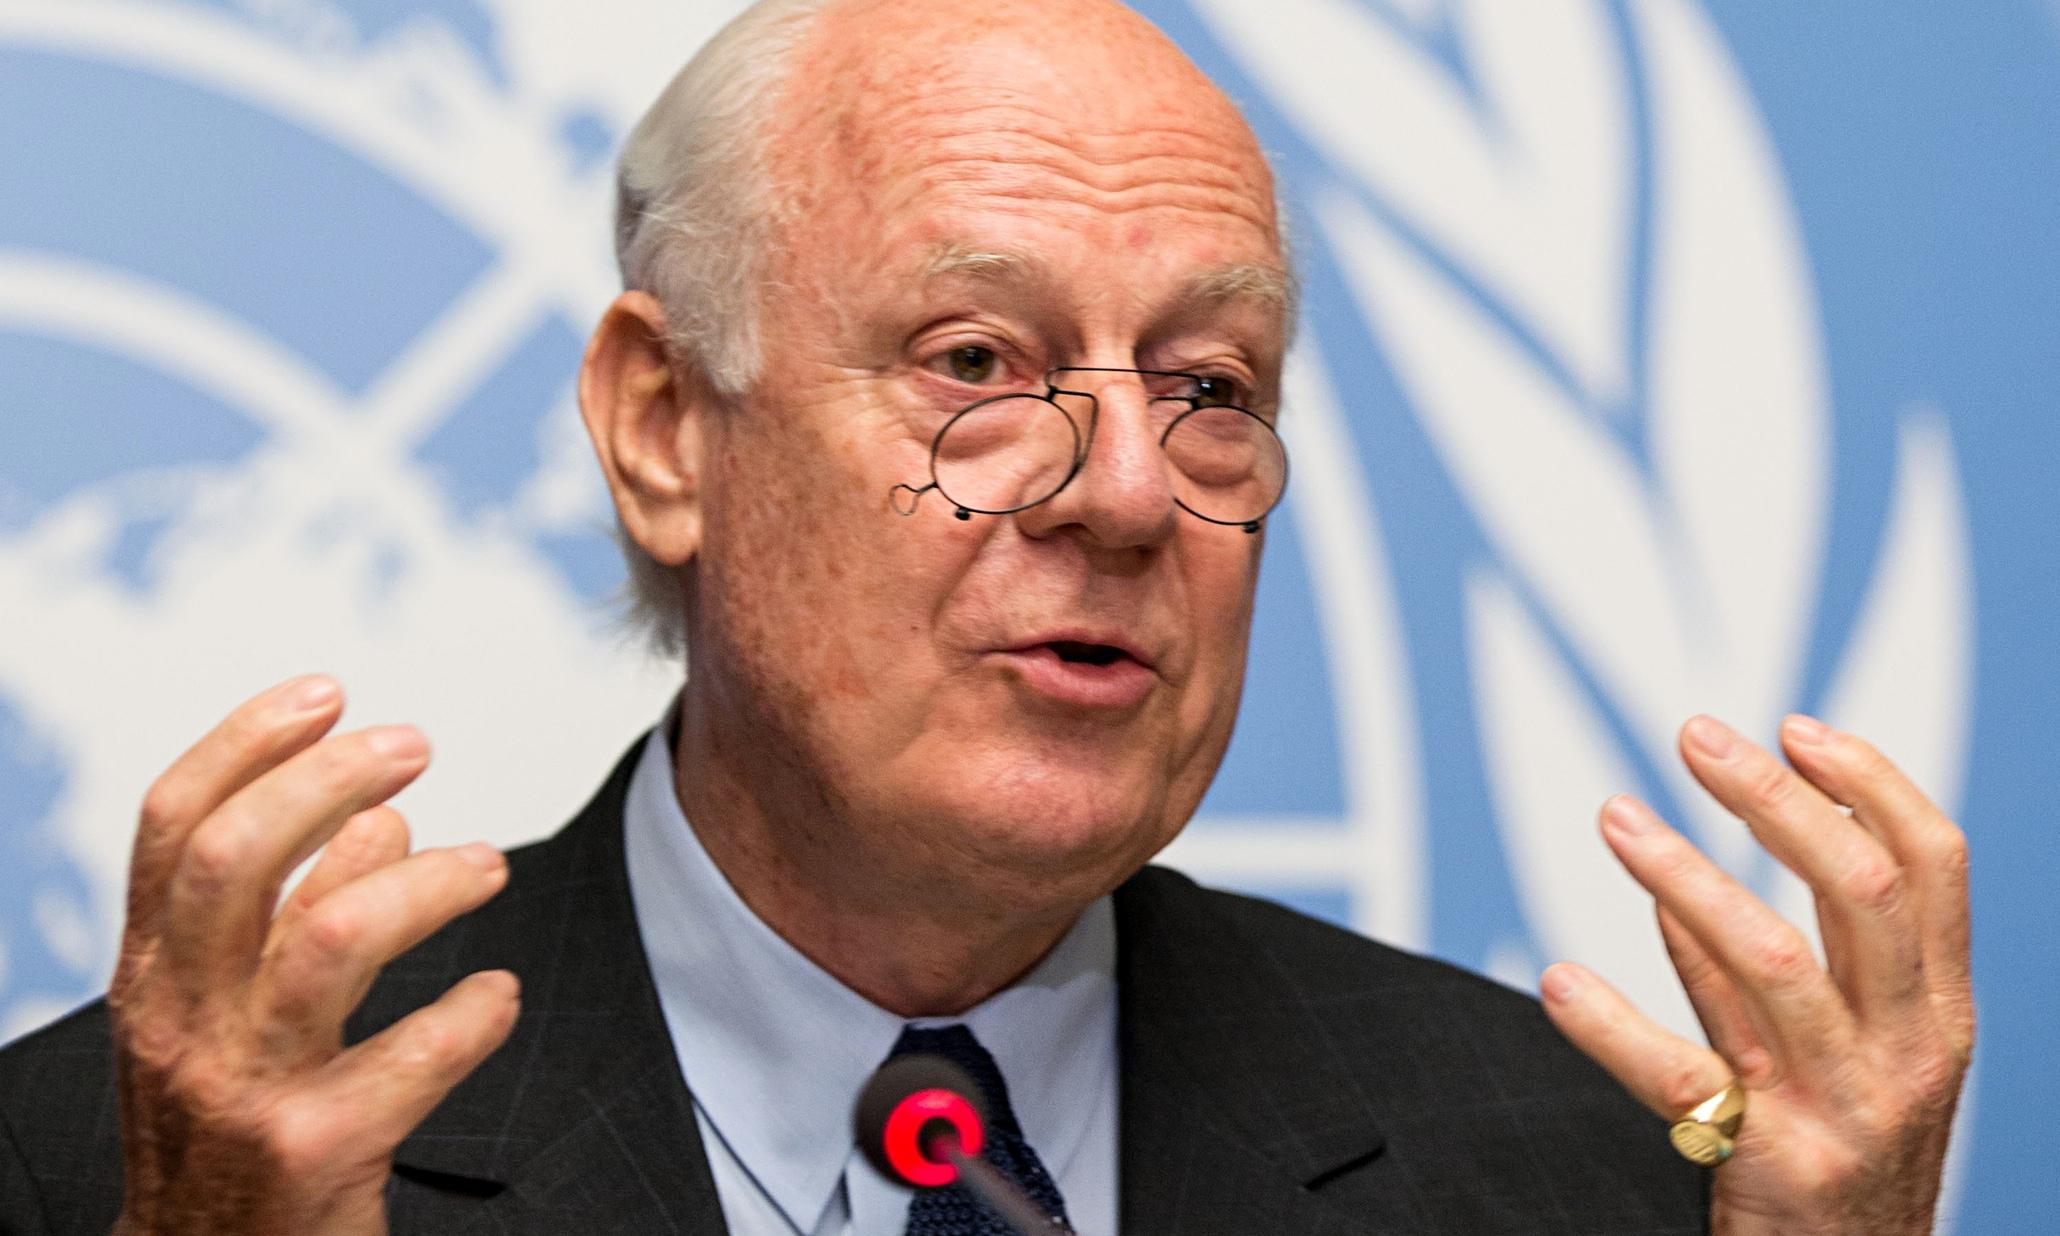 UN envoy to Syria Staffan de Mistura